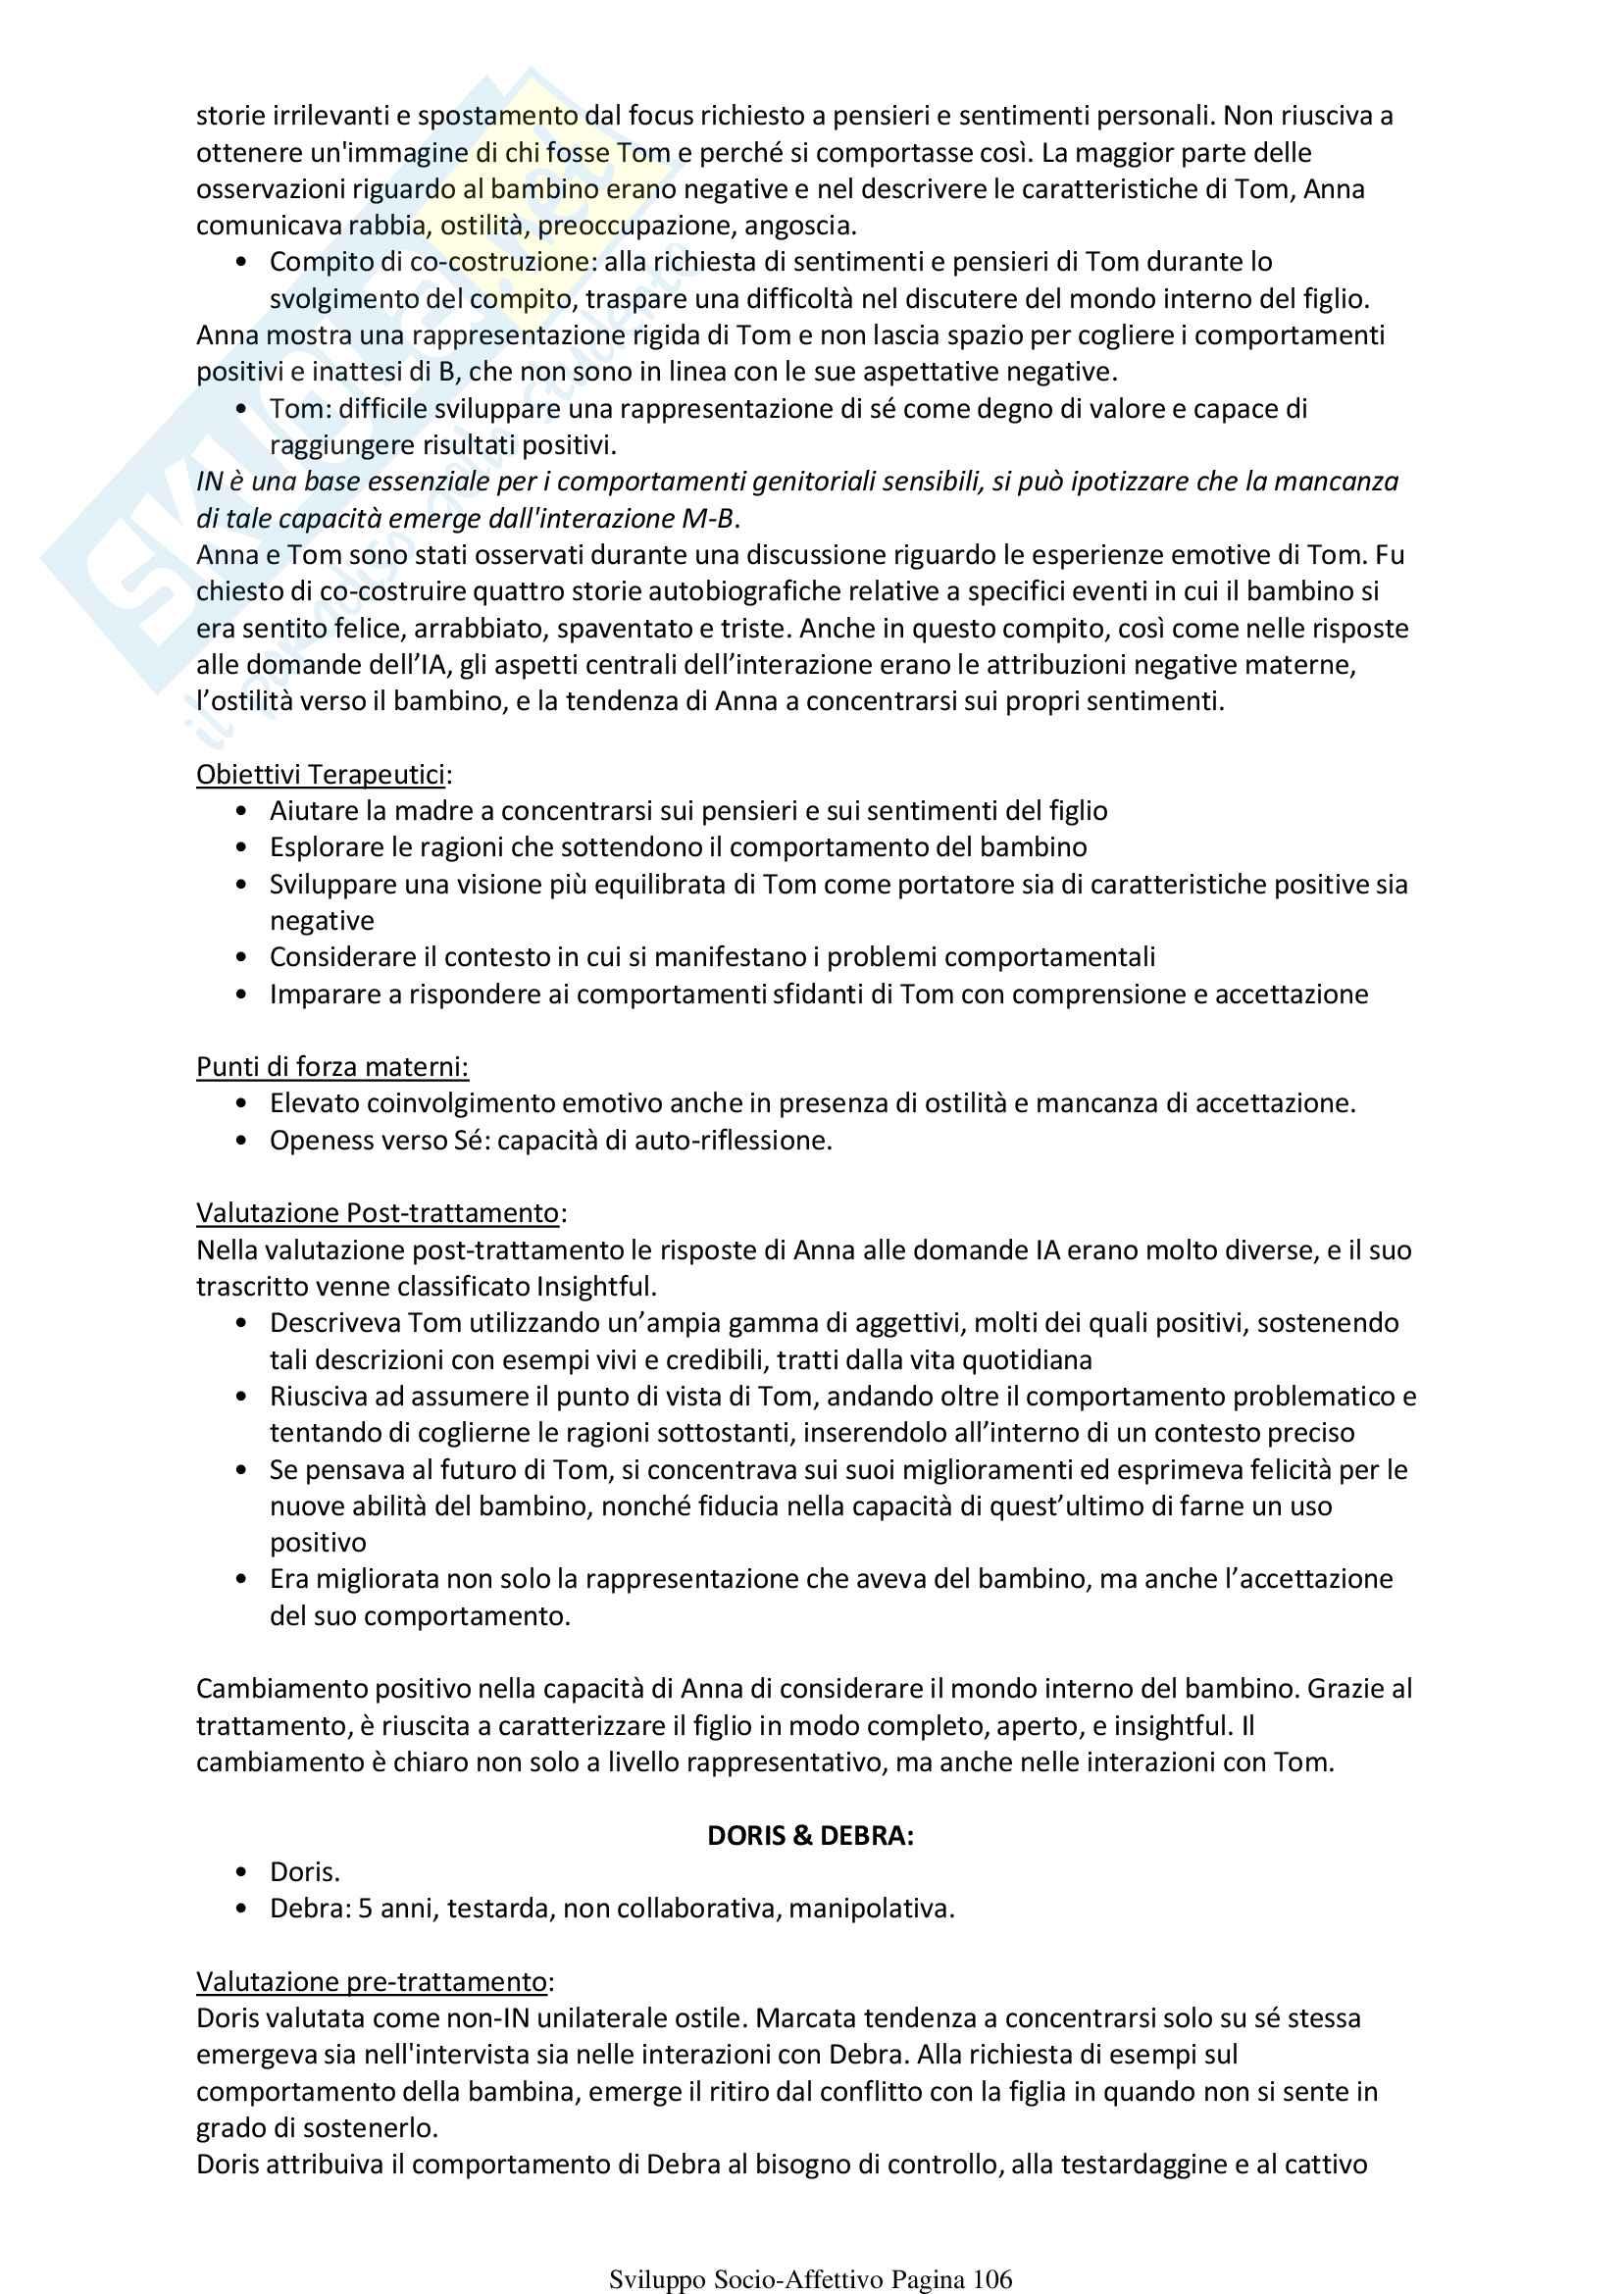 Psicologia Sviluppo Socio Affettivo Pag. 106